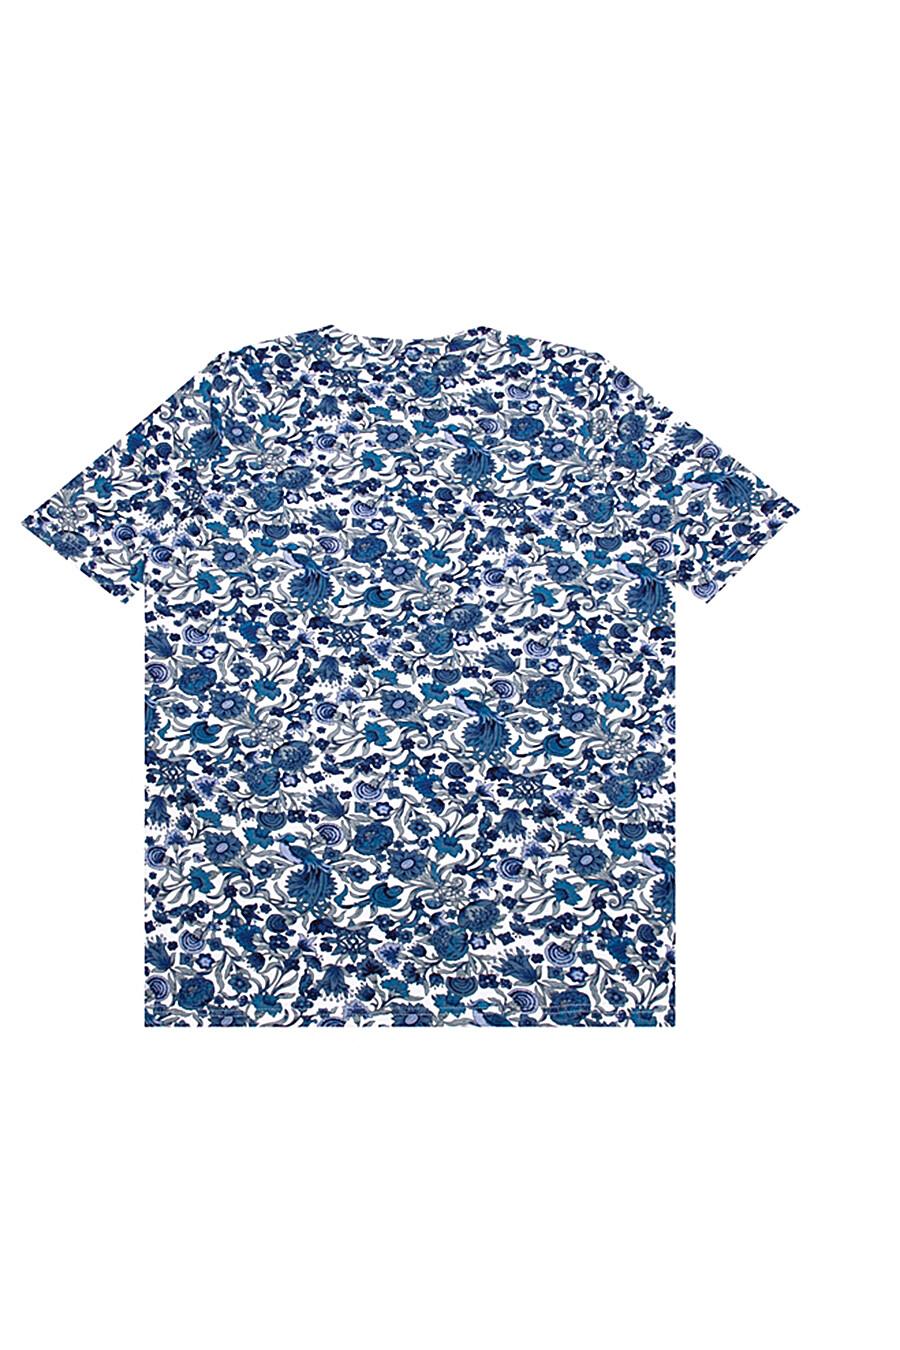 Джемпер для женщин Archi 130609 купить оптом от производителя. Совместная покупка женской одежды в OptMoyo